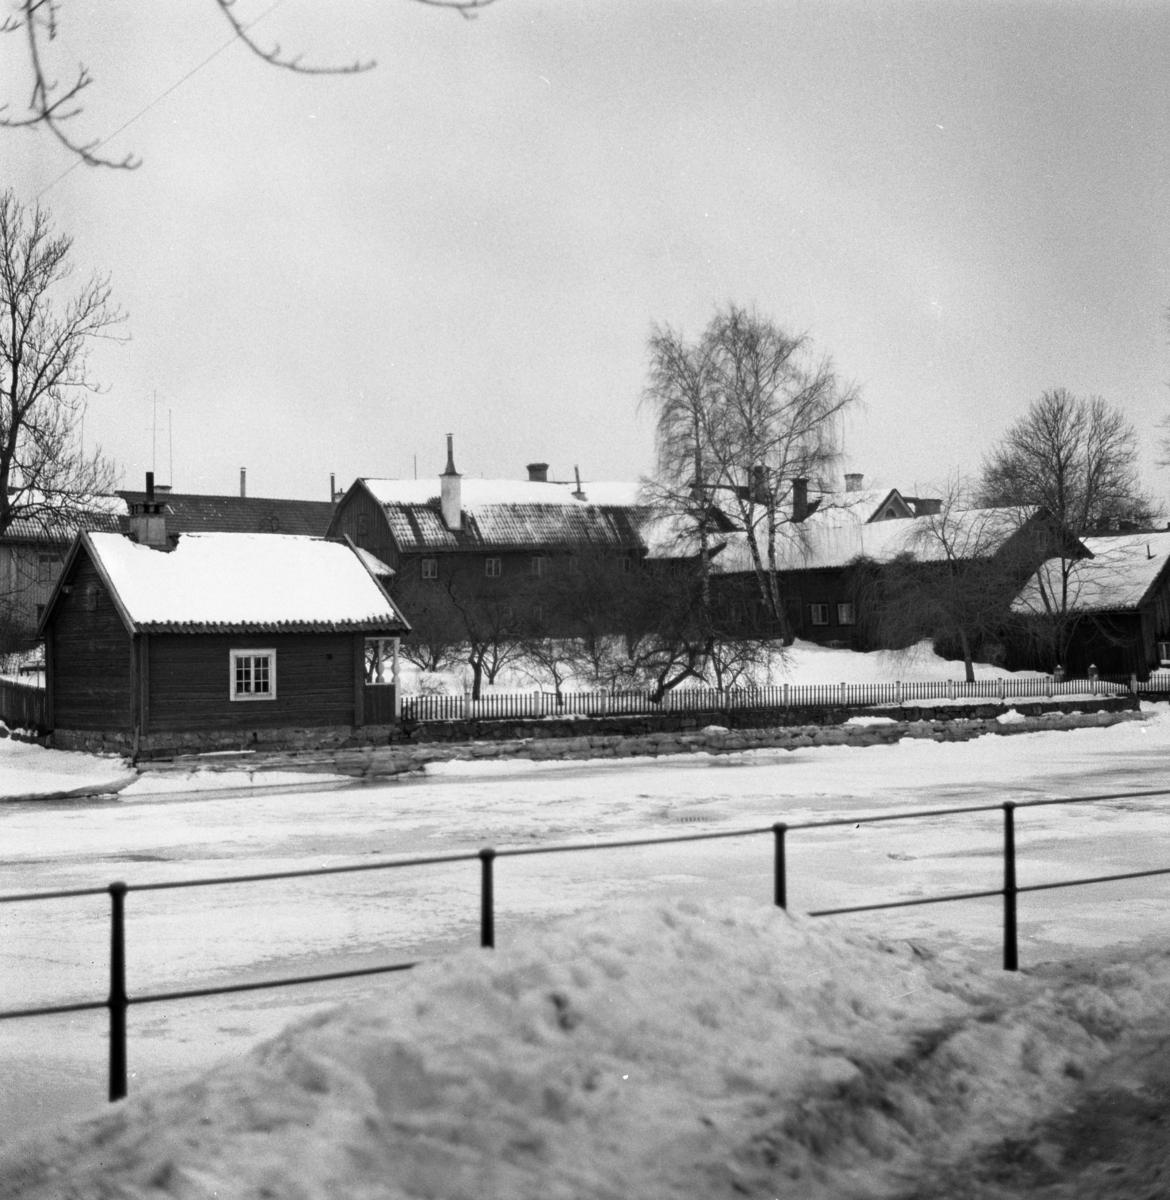 Crugska gården, södra sidan av ån. Vinter och snö.